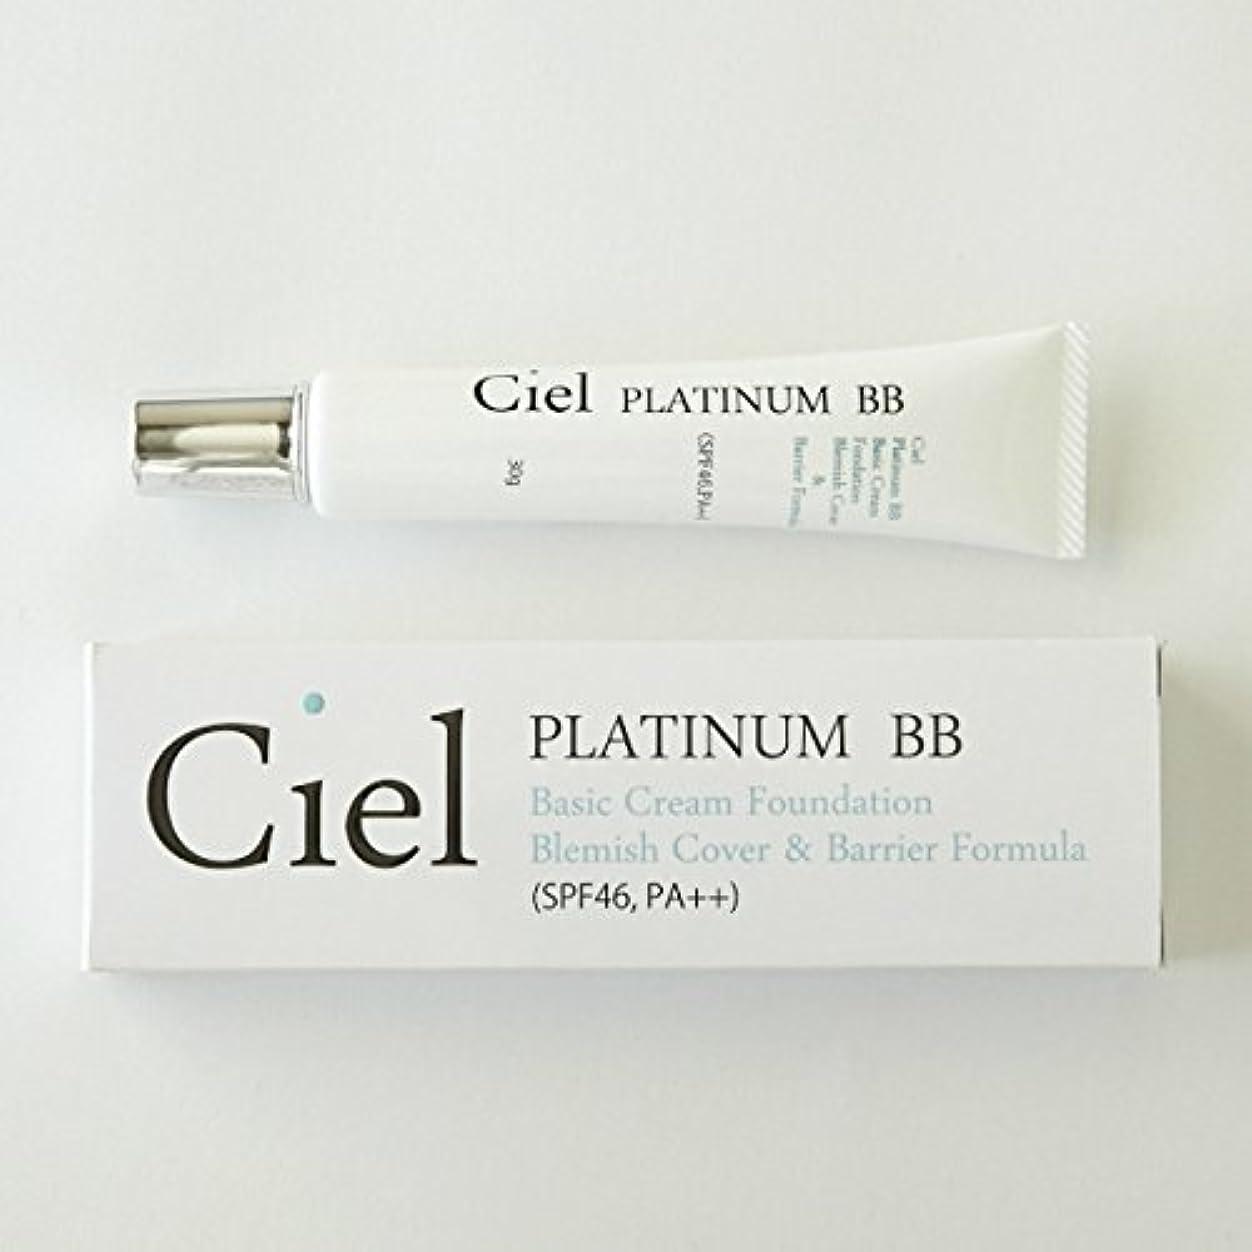 絶縁する影口述Ciel Salon de Beaute Ciel PLATINUM BB SPF46 BBクリーム ファンデーション 日本製 日焼け止め